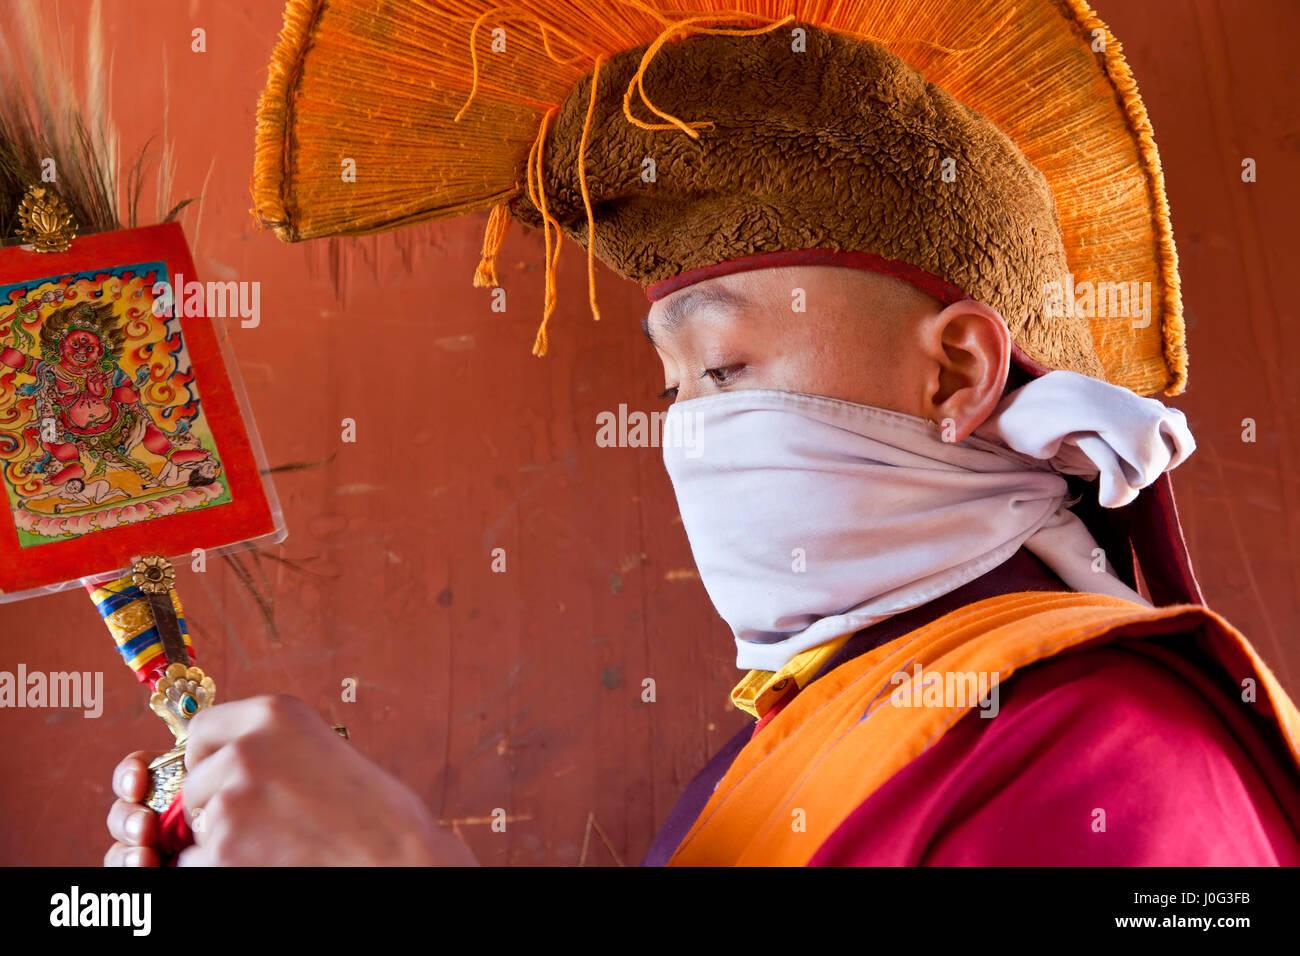 Monk, Tamshing Phala Chhoupa festival, Tamshing Monastery, nr Jakar, Bumthang, Bhutan - Stock Image